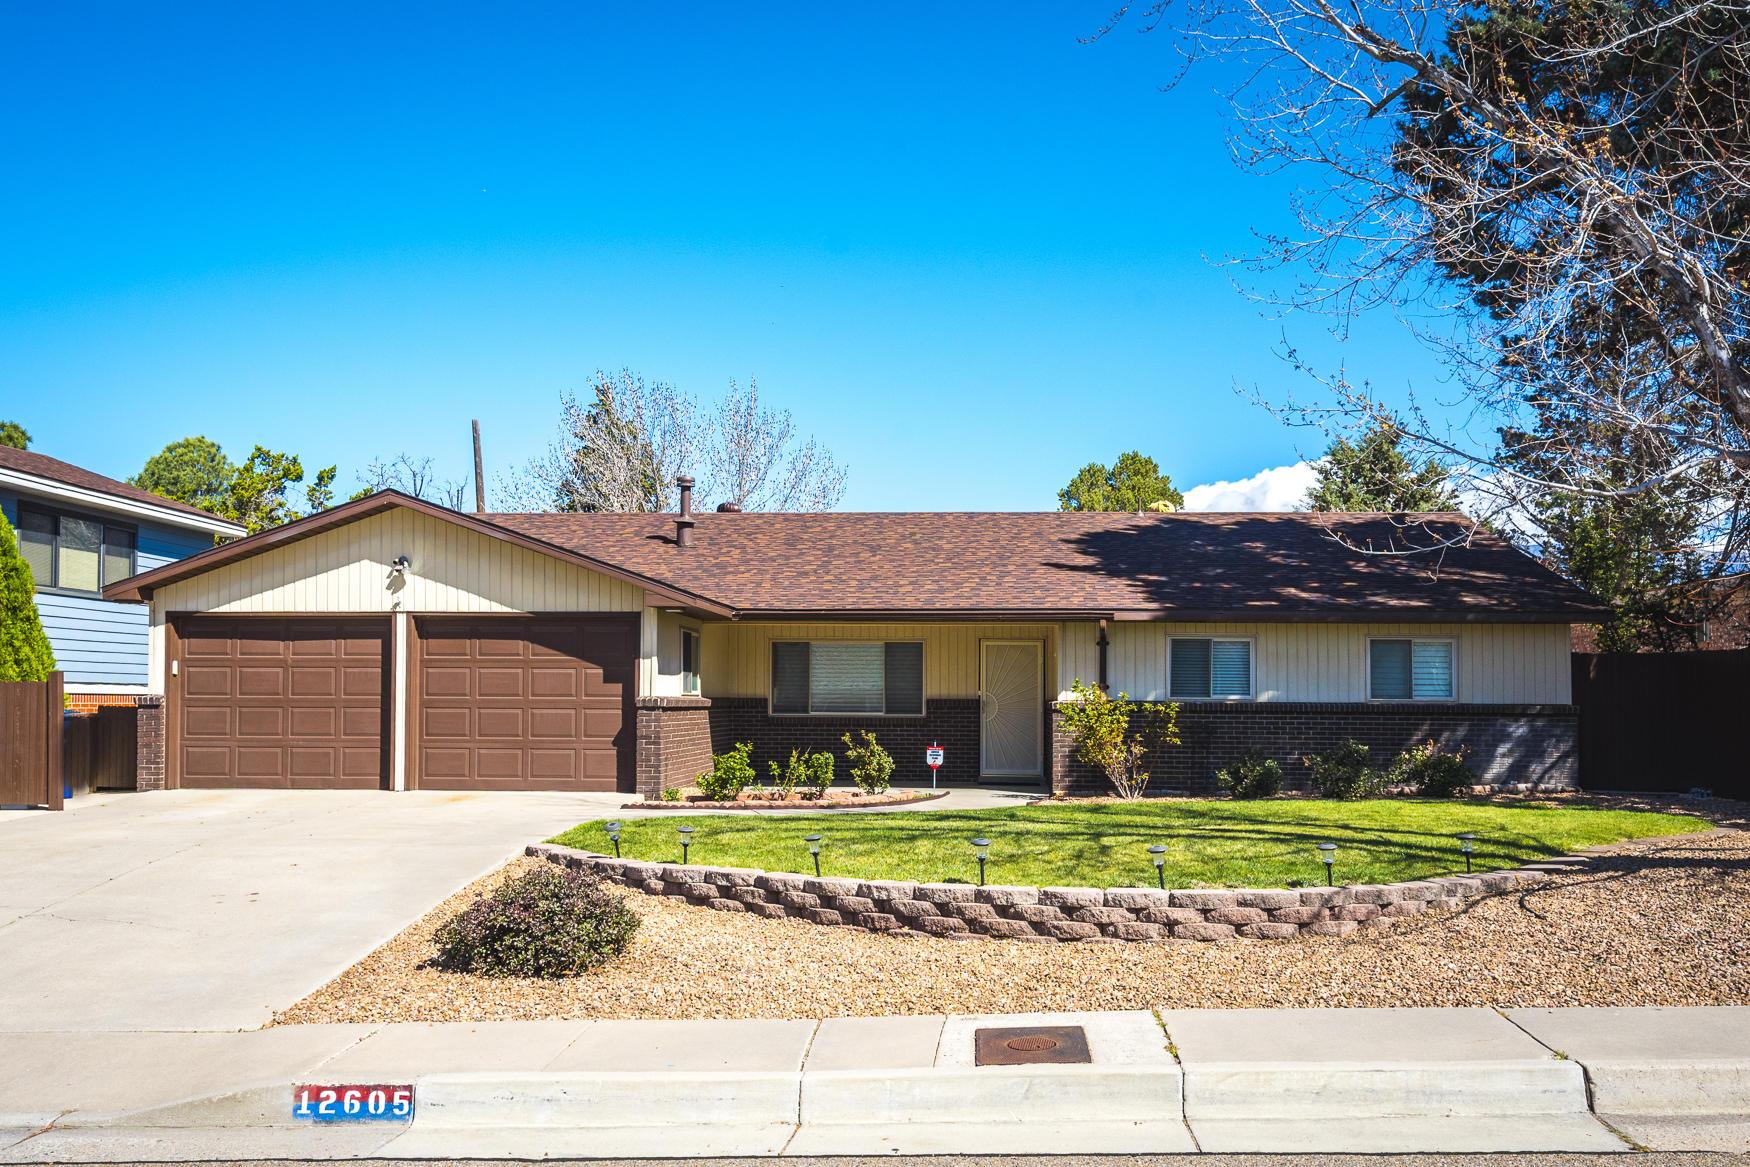 12605 LOYOLA Avenue, Albuquerque NM 87112